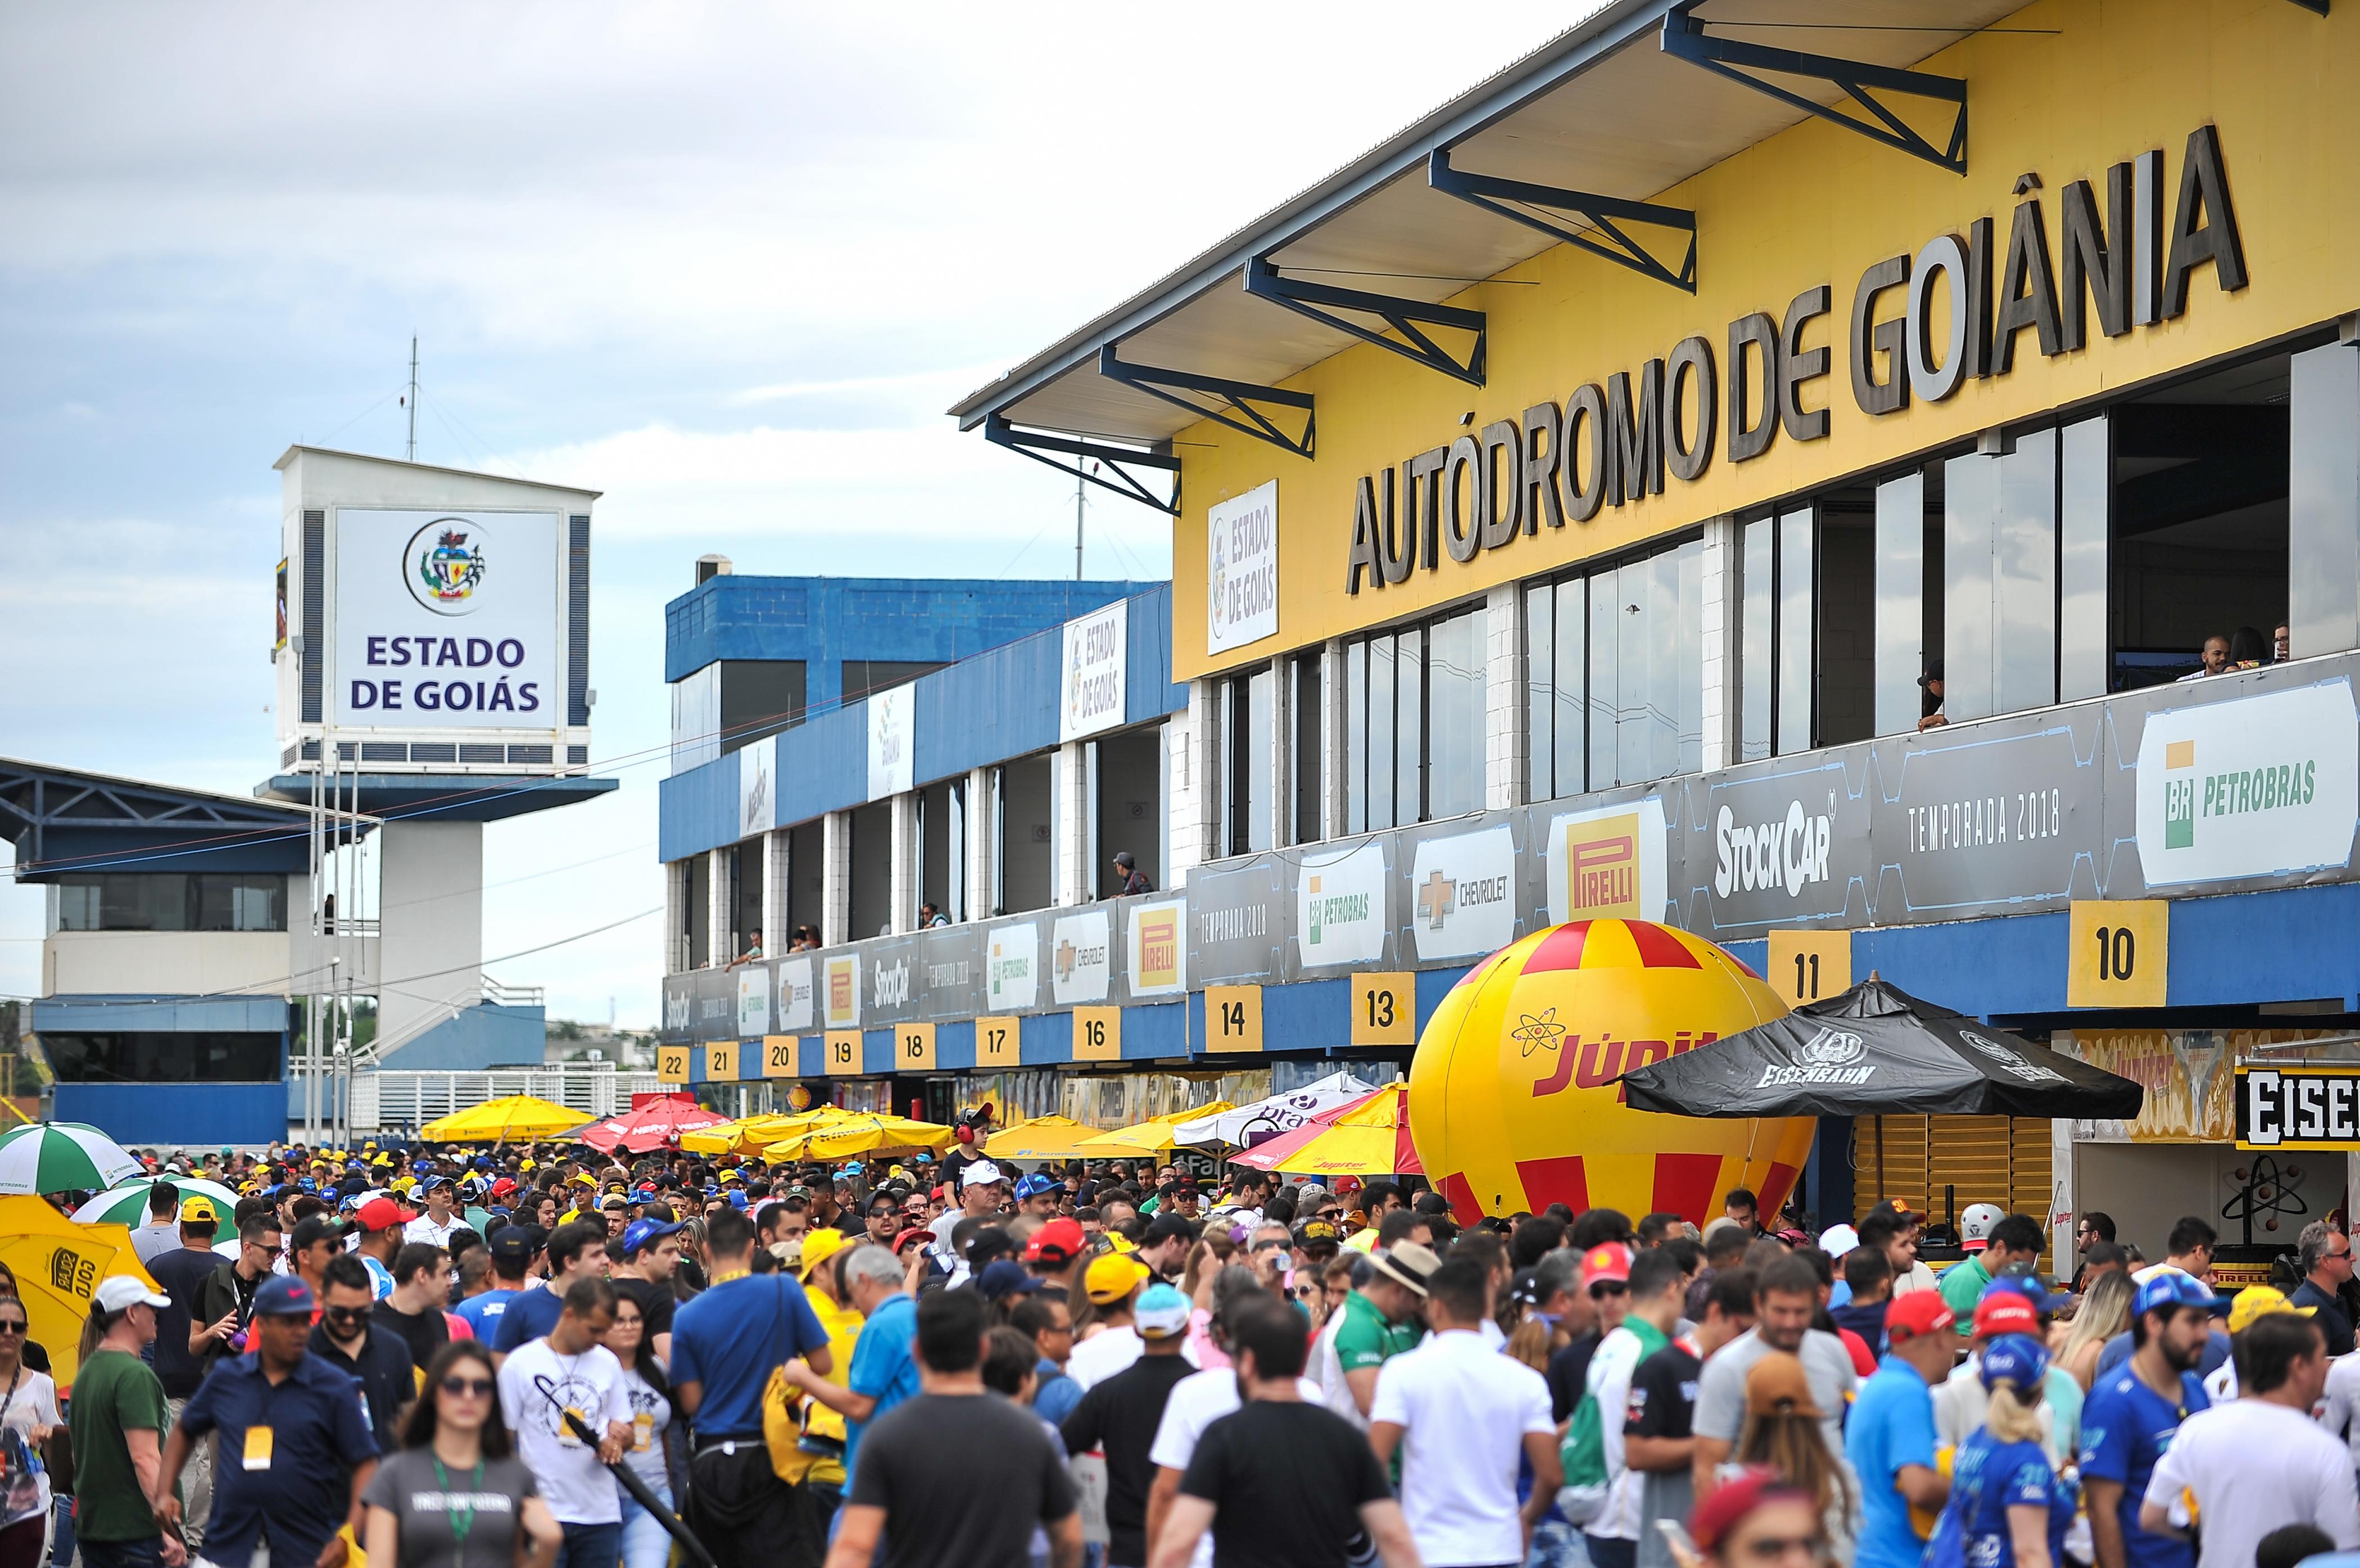 StockCar2018_dudabairros_Goiânia-42112